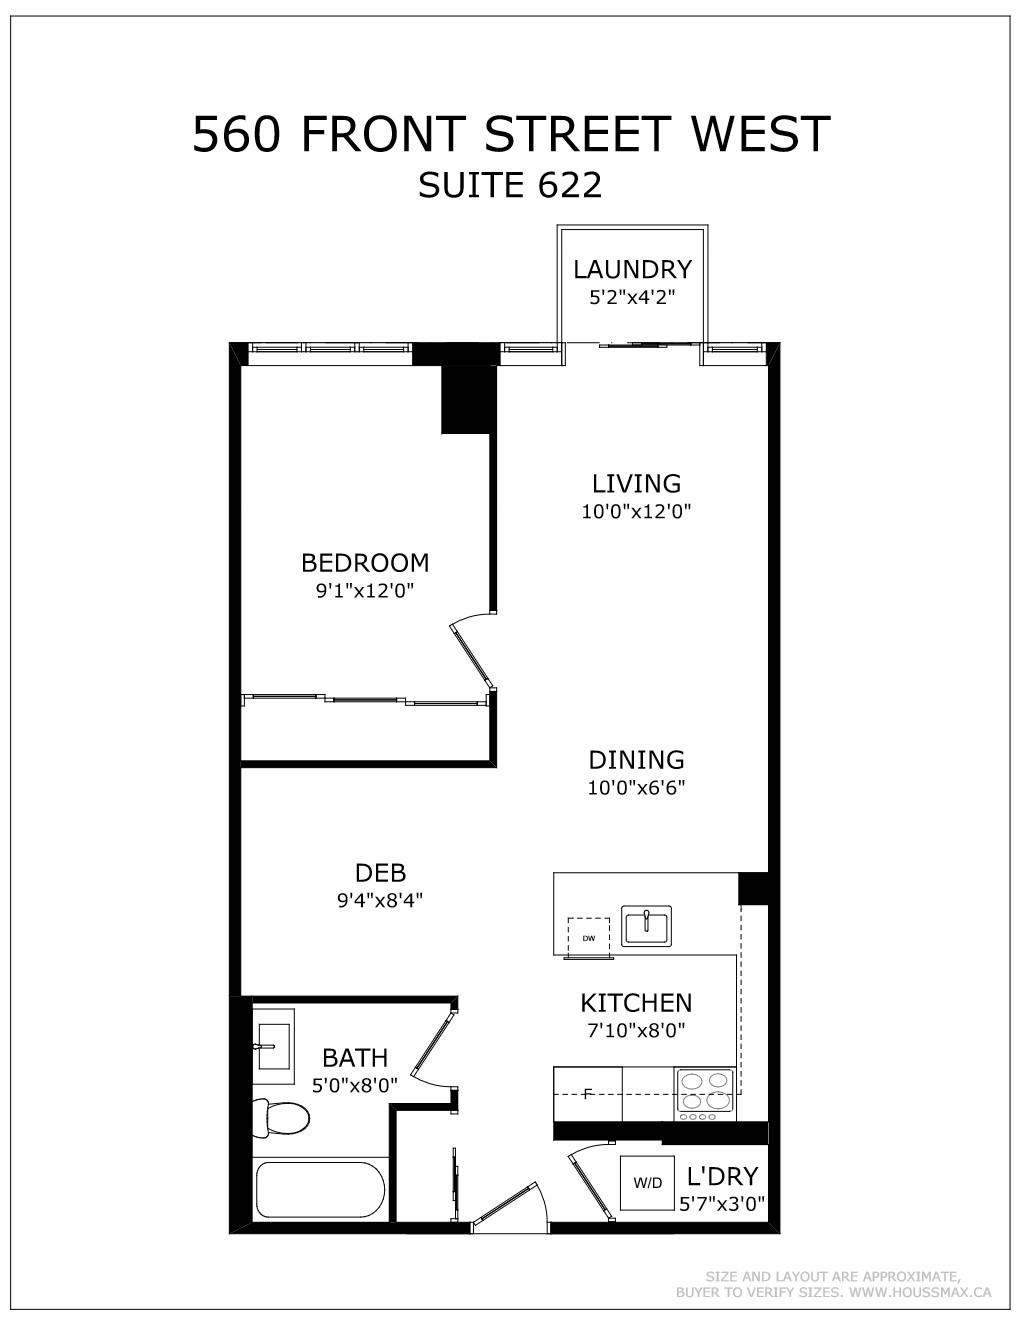 Floor Plans for 560 Front St W Unit 622